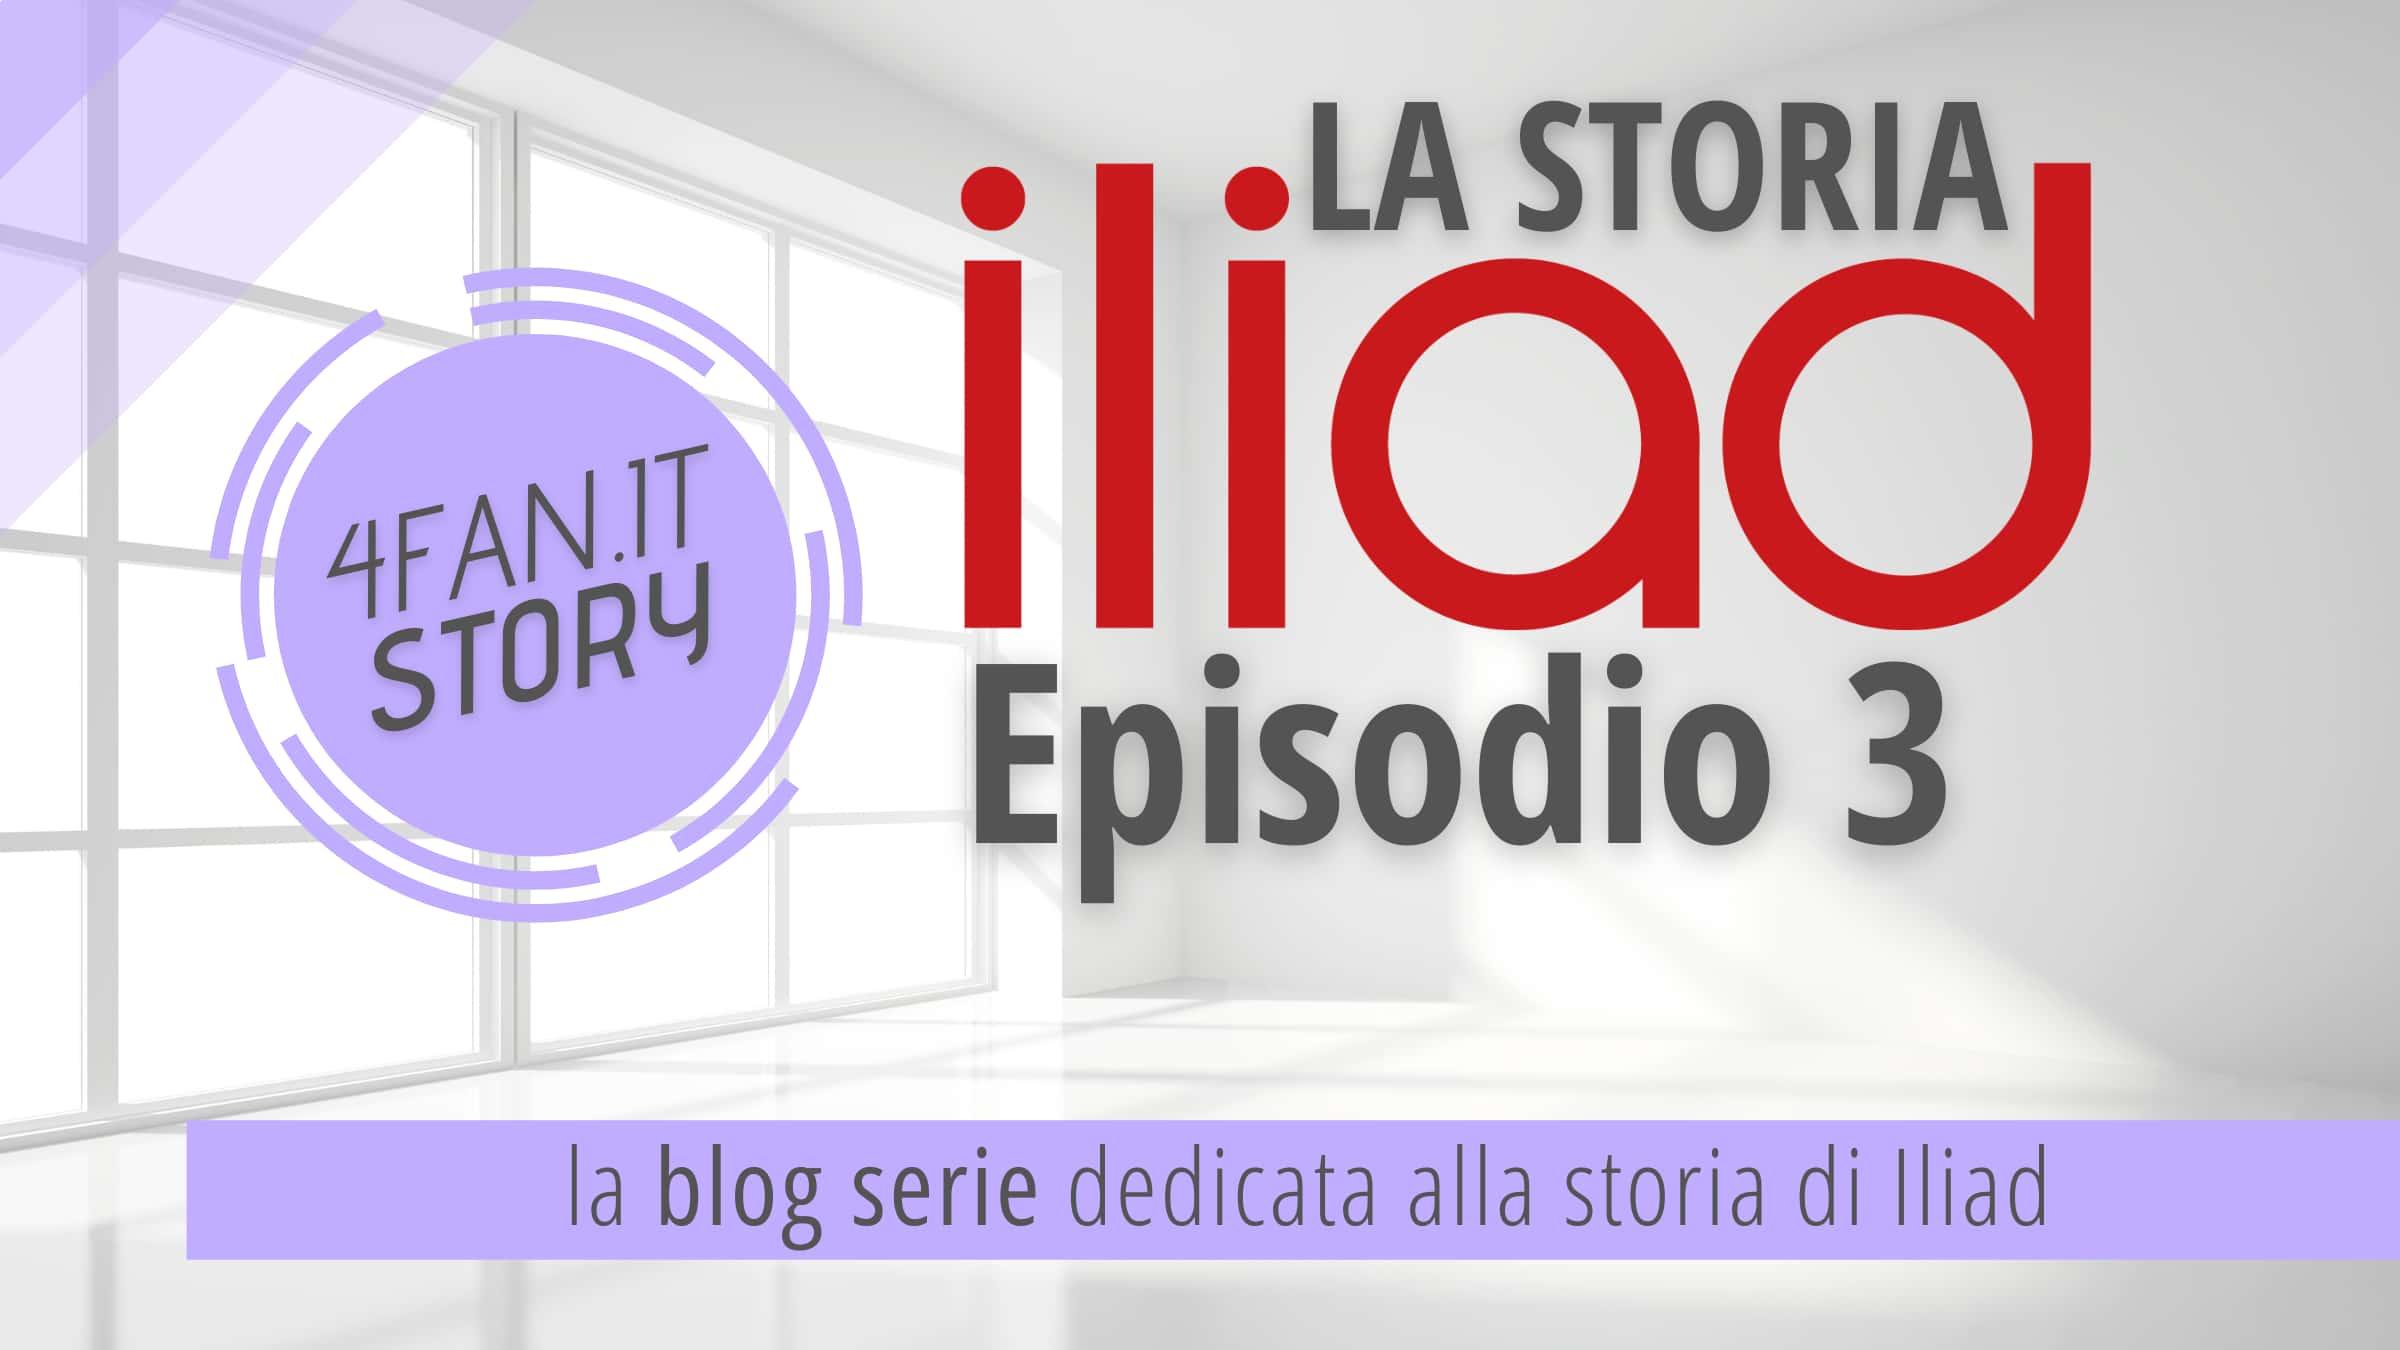 Storia di Iliad. Episodio 3